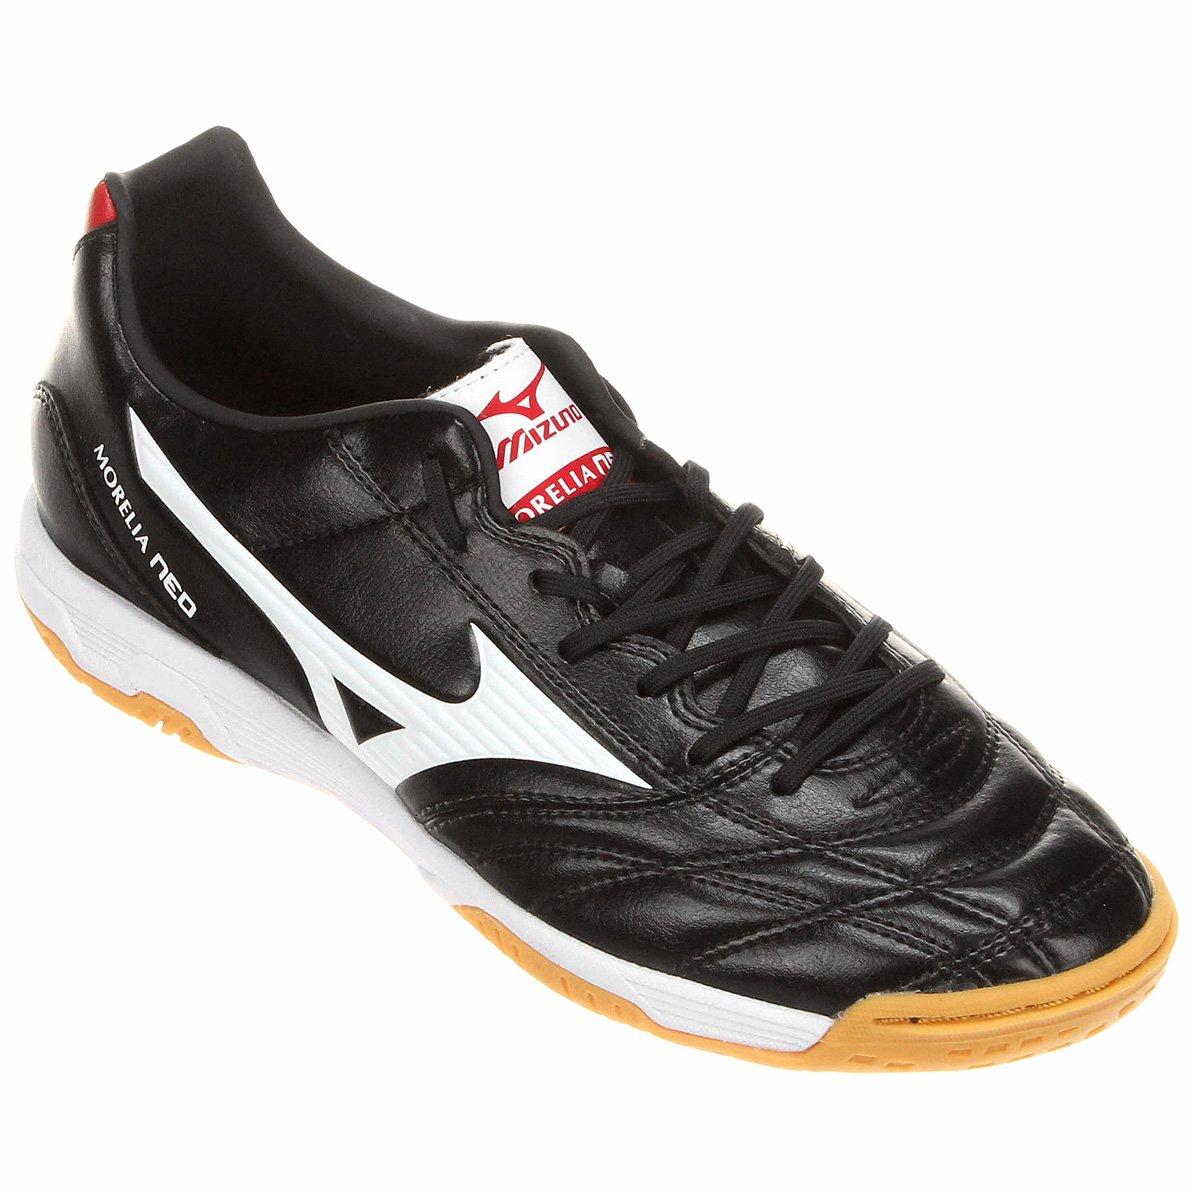 Dalponte Futsal Shoes Sale